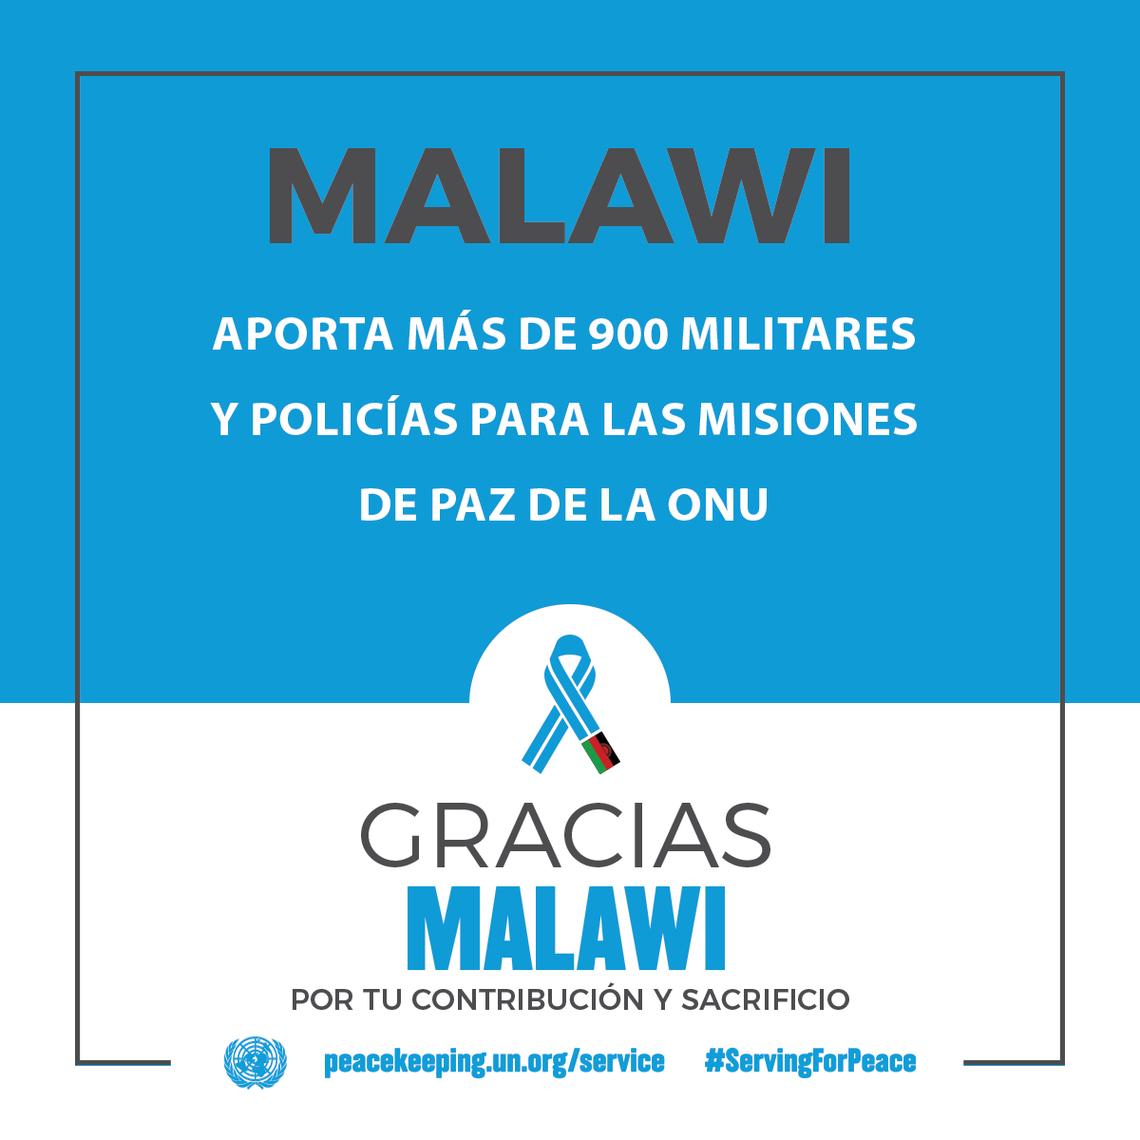 Malawi aporta más de 900 militares y policías para las Misiones de Paz de la ONU